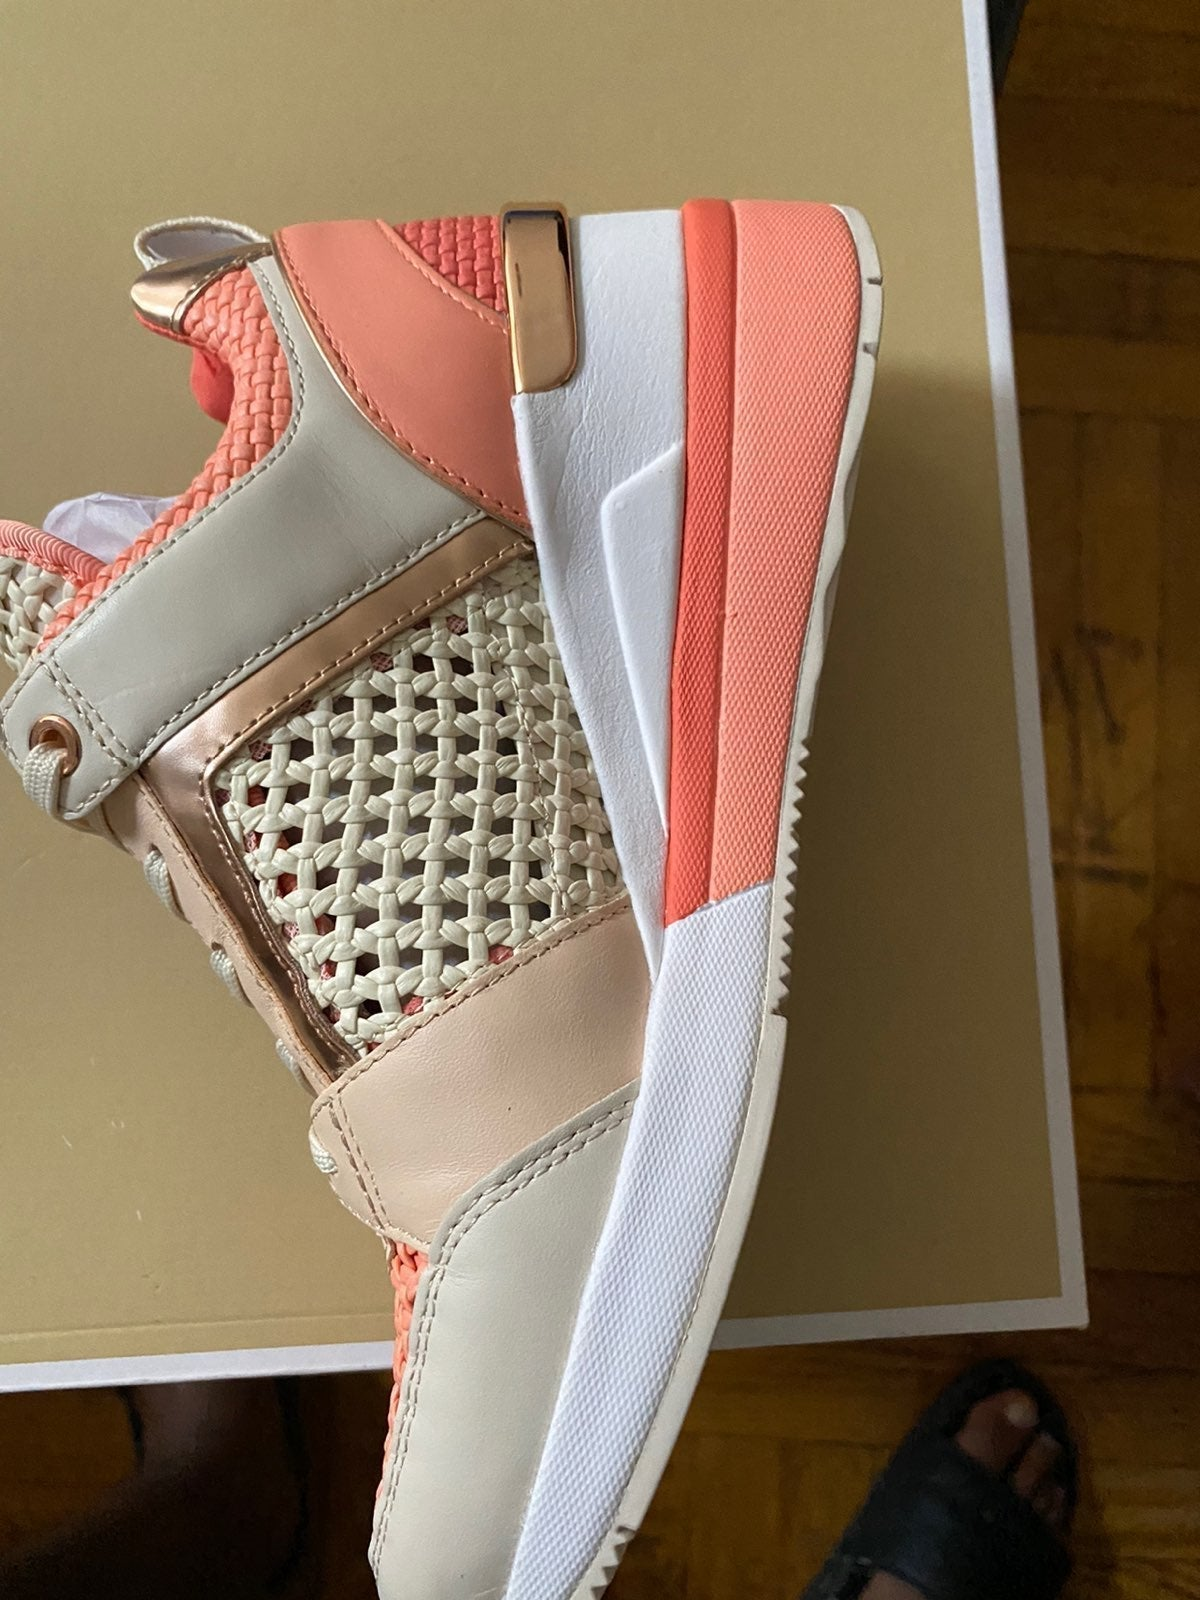 Woman wedge sneaker